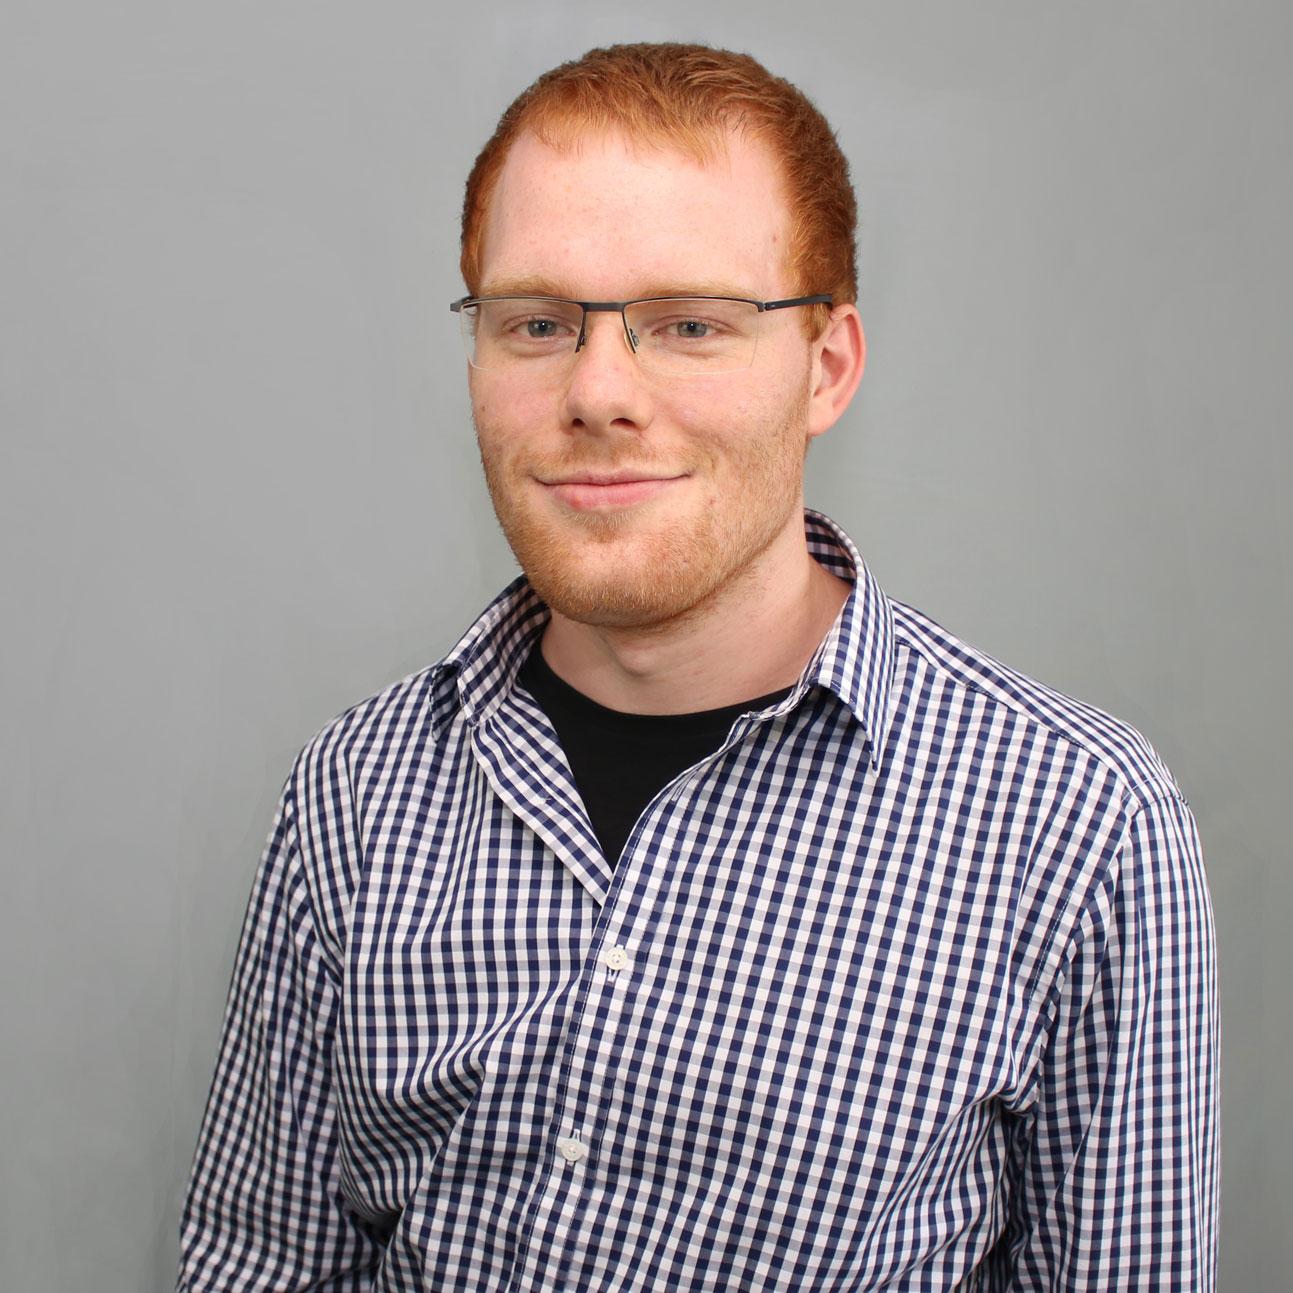 Philipp Schmeißer